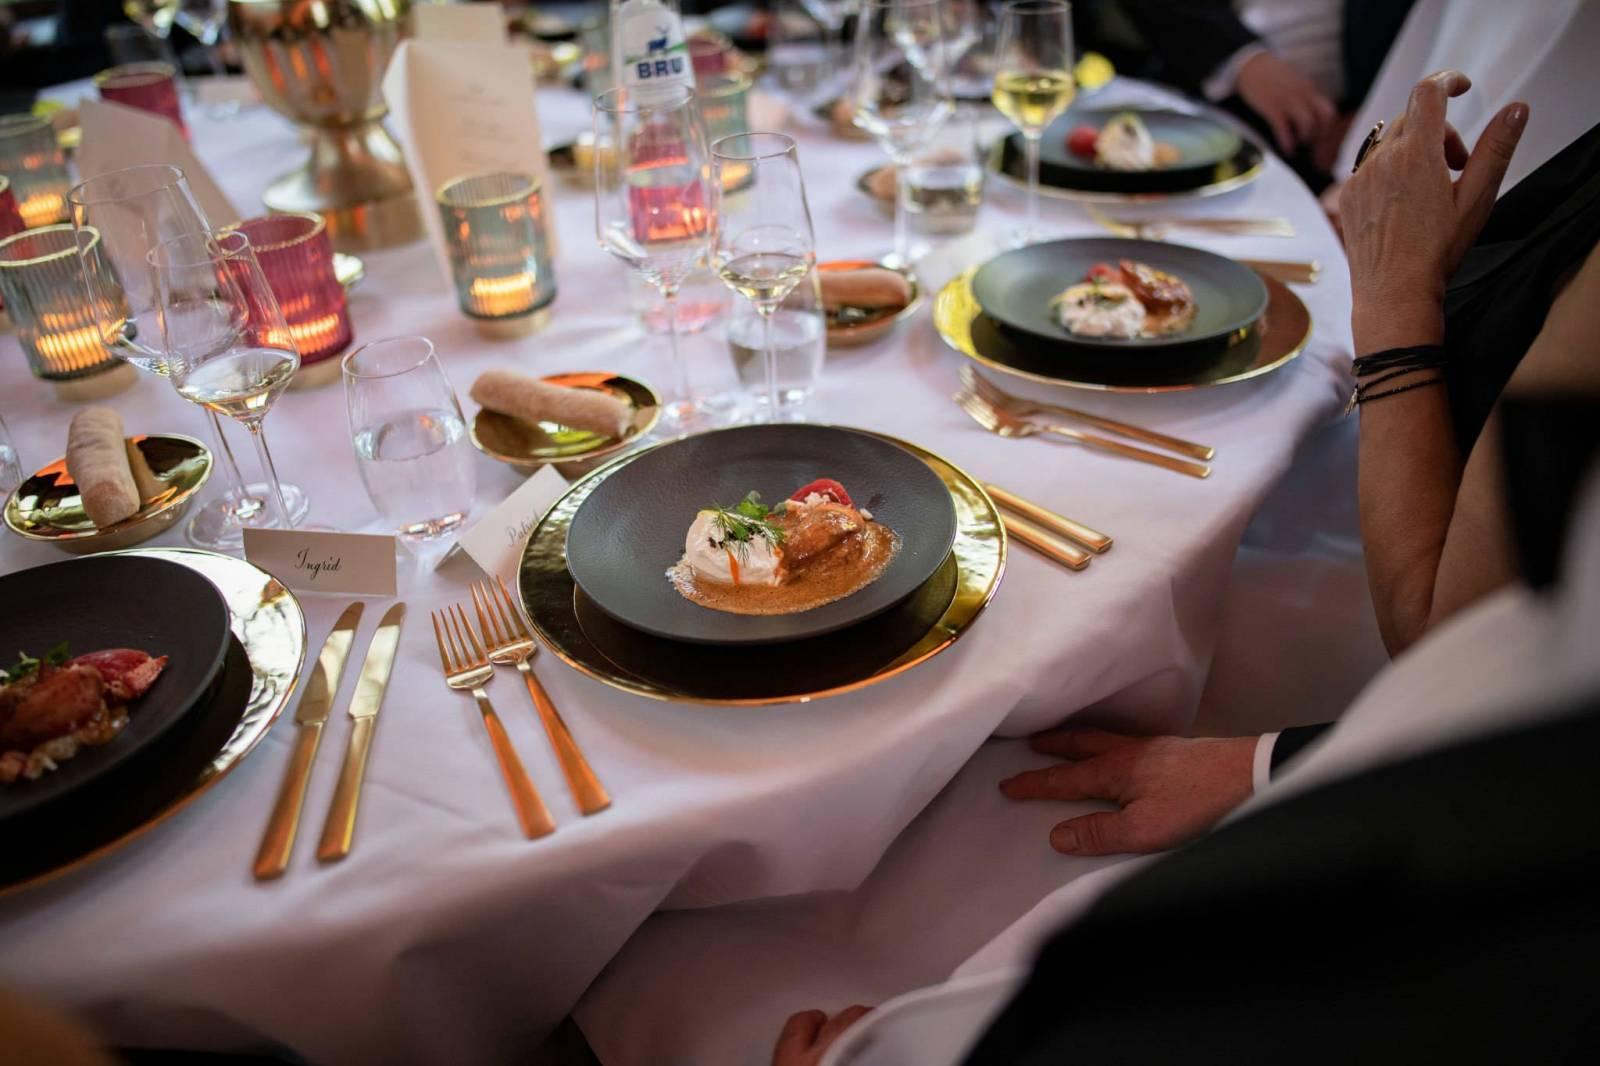 Gastronomie Nicolas - Catering - Traiteur - Trouw - Huwelijk - Bruiloft - House of Events - 6